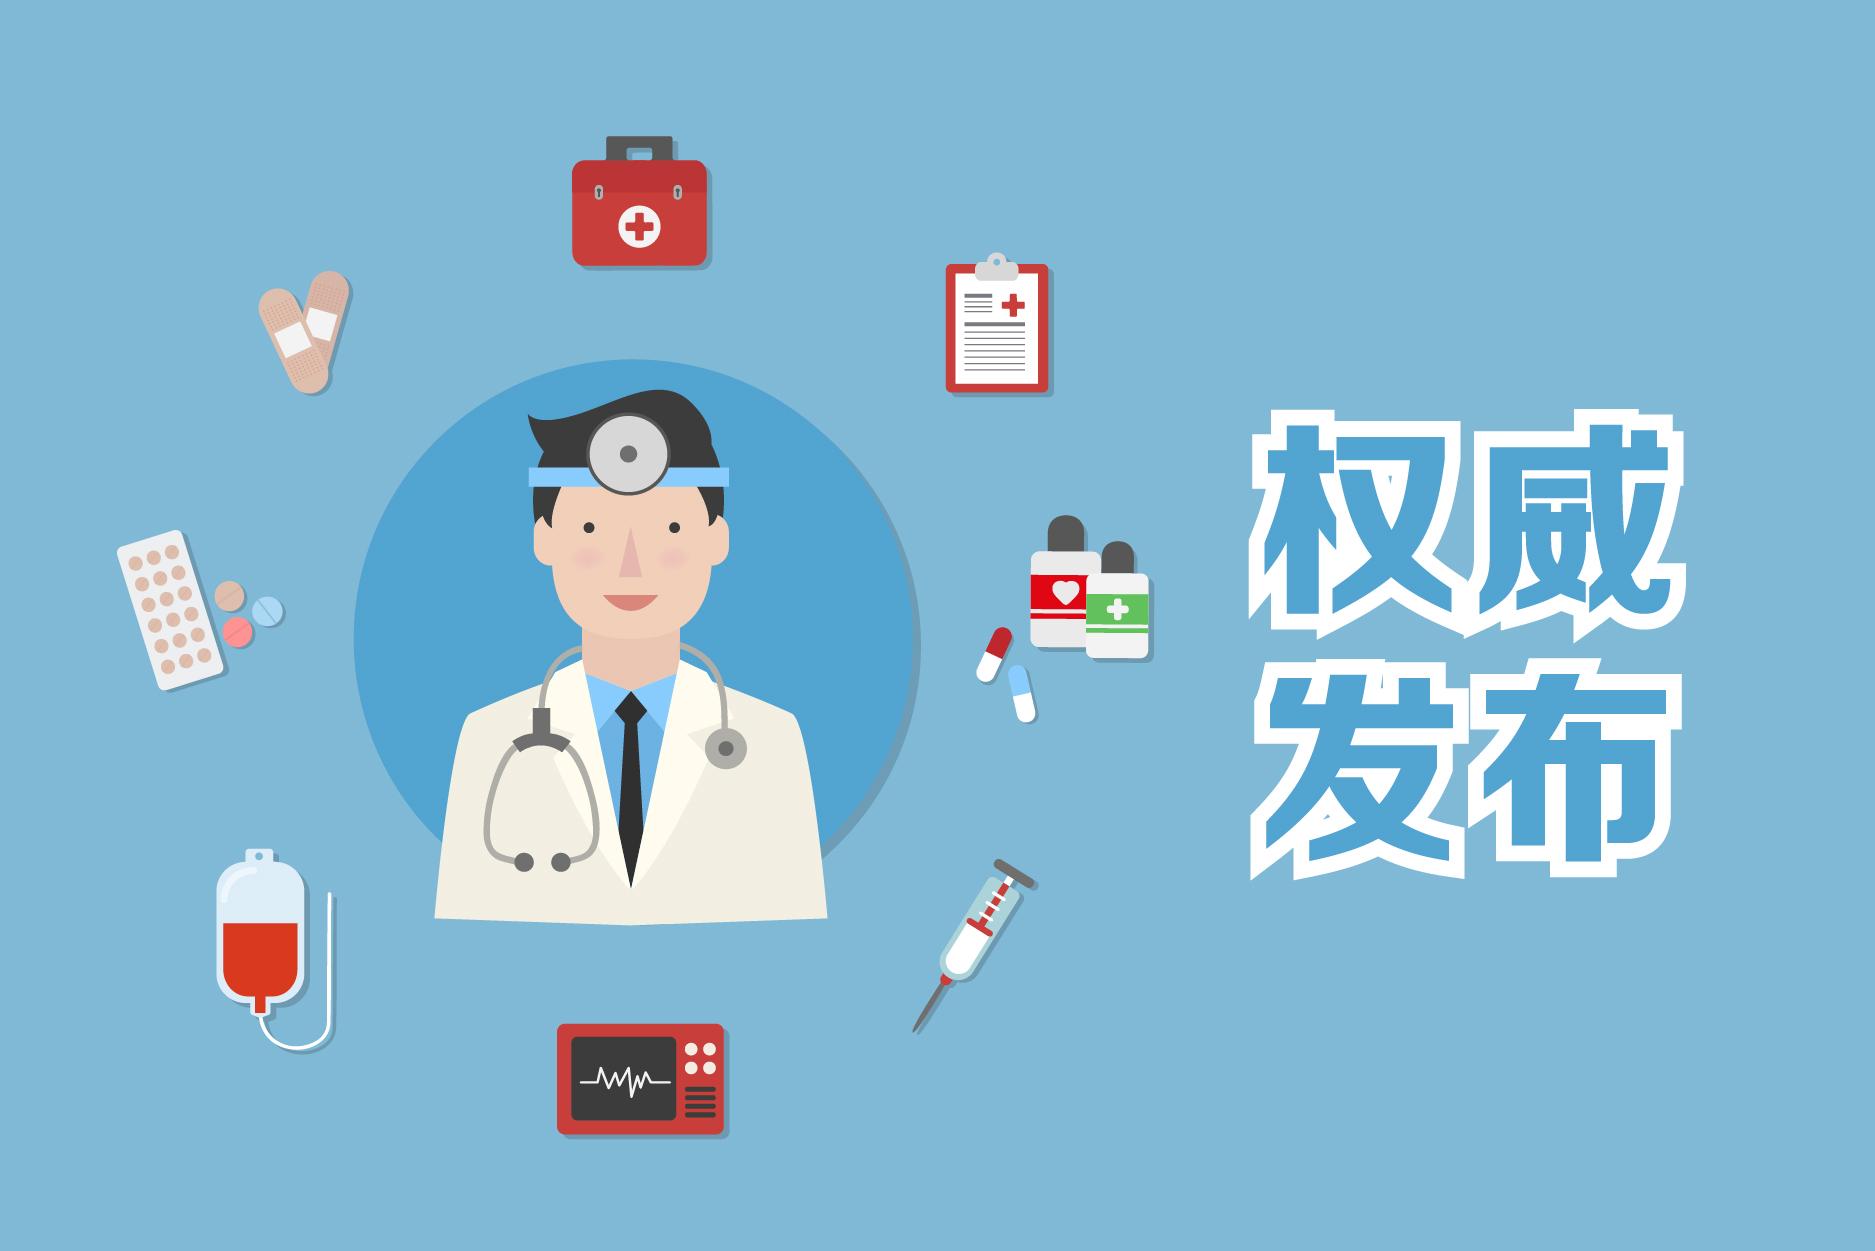 卫健委:将开展肿瘤多学科诊疗试点工作 首选消化肿瘤